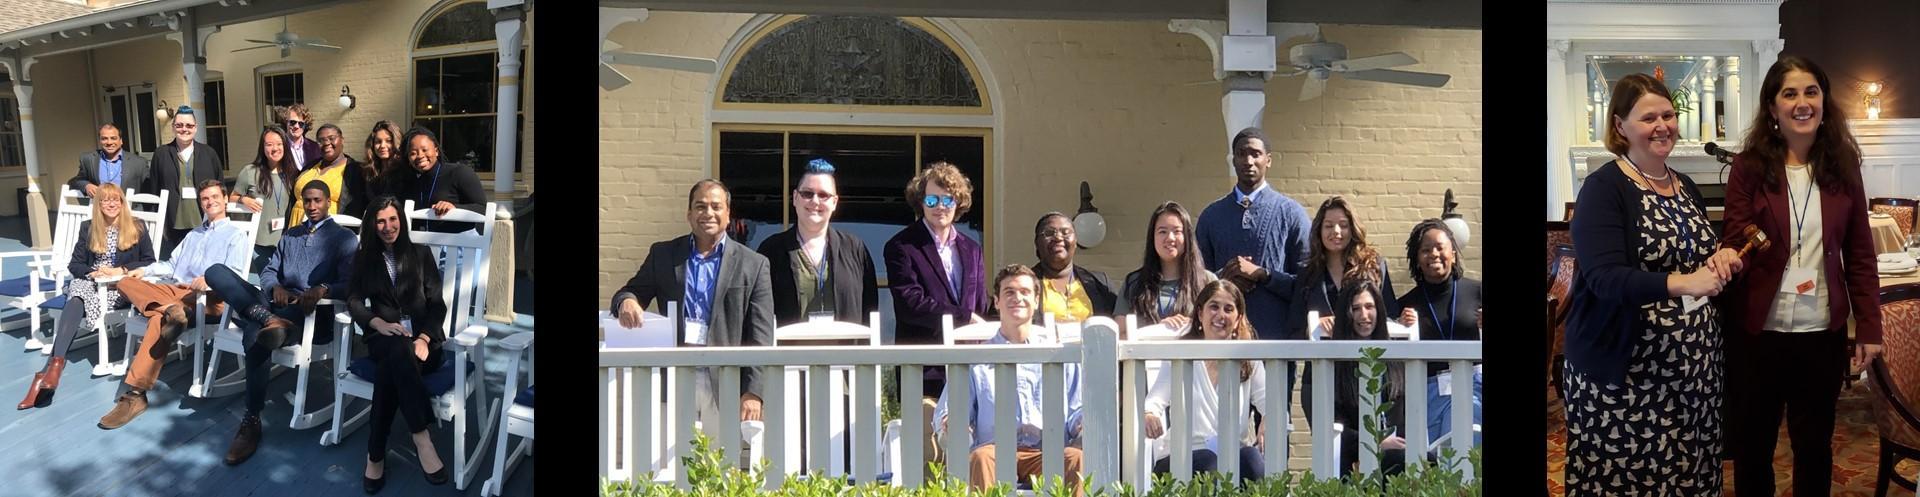 KSU Faculty and students shine at GSA!